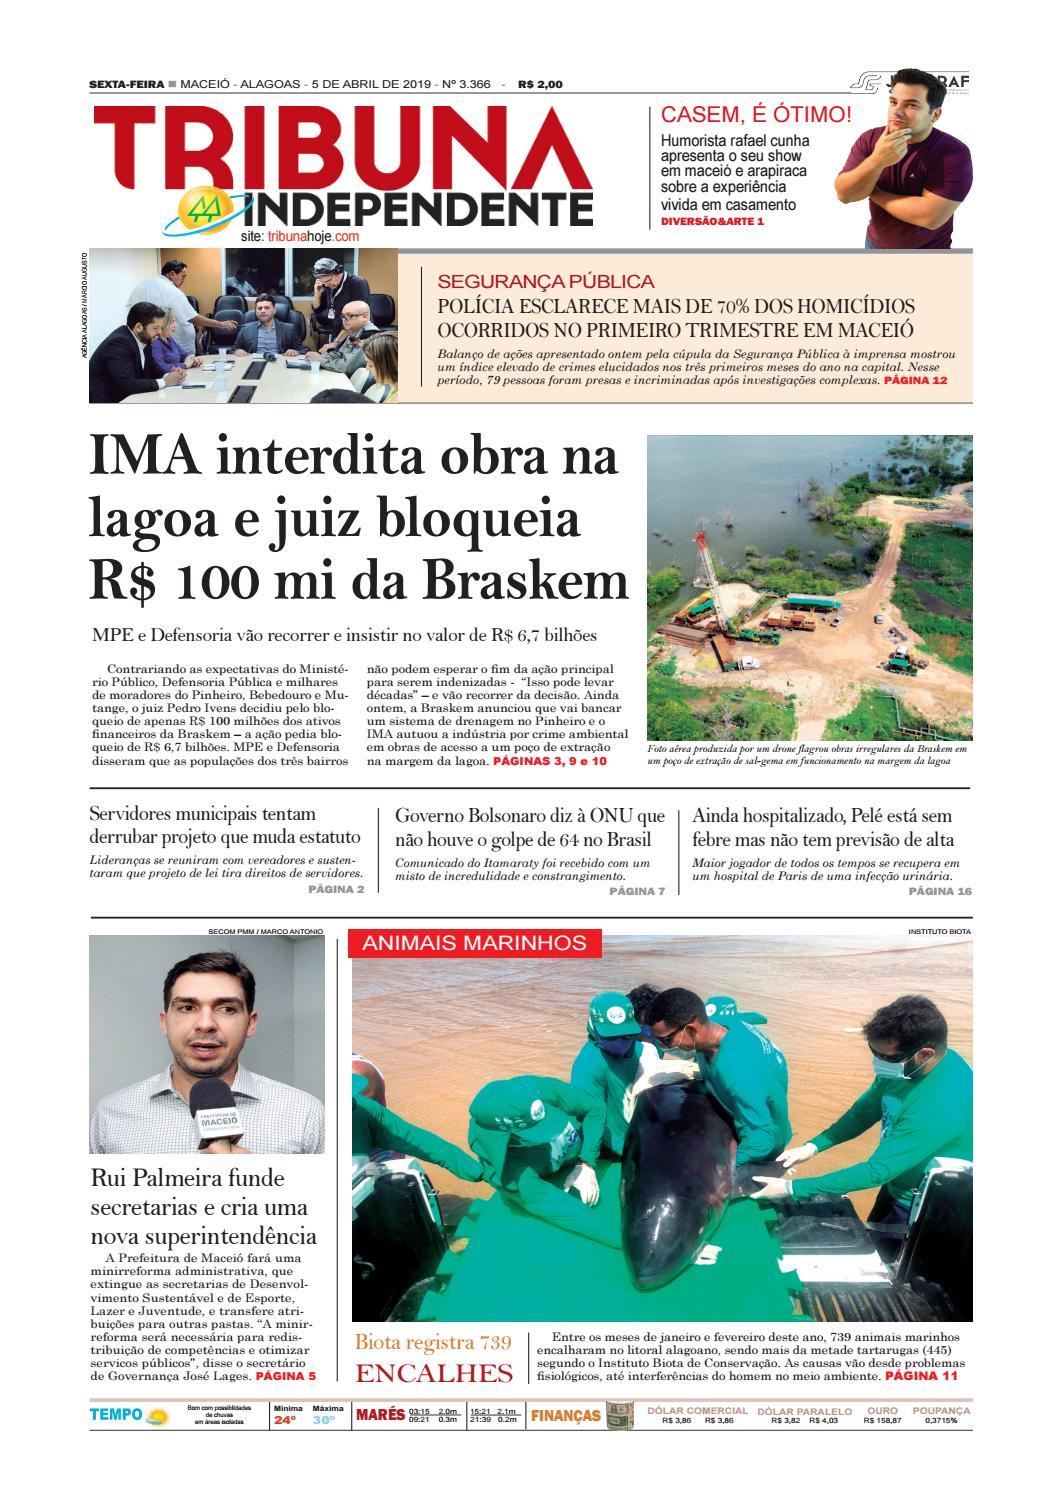 aeb482d37ea Edição número 3366 – 05 de abril de 2019 by Tribuna Hoje - issuu